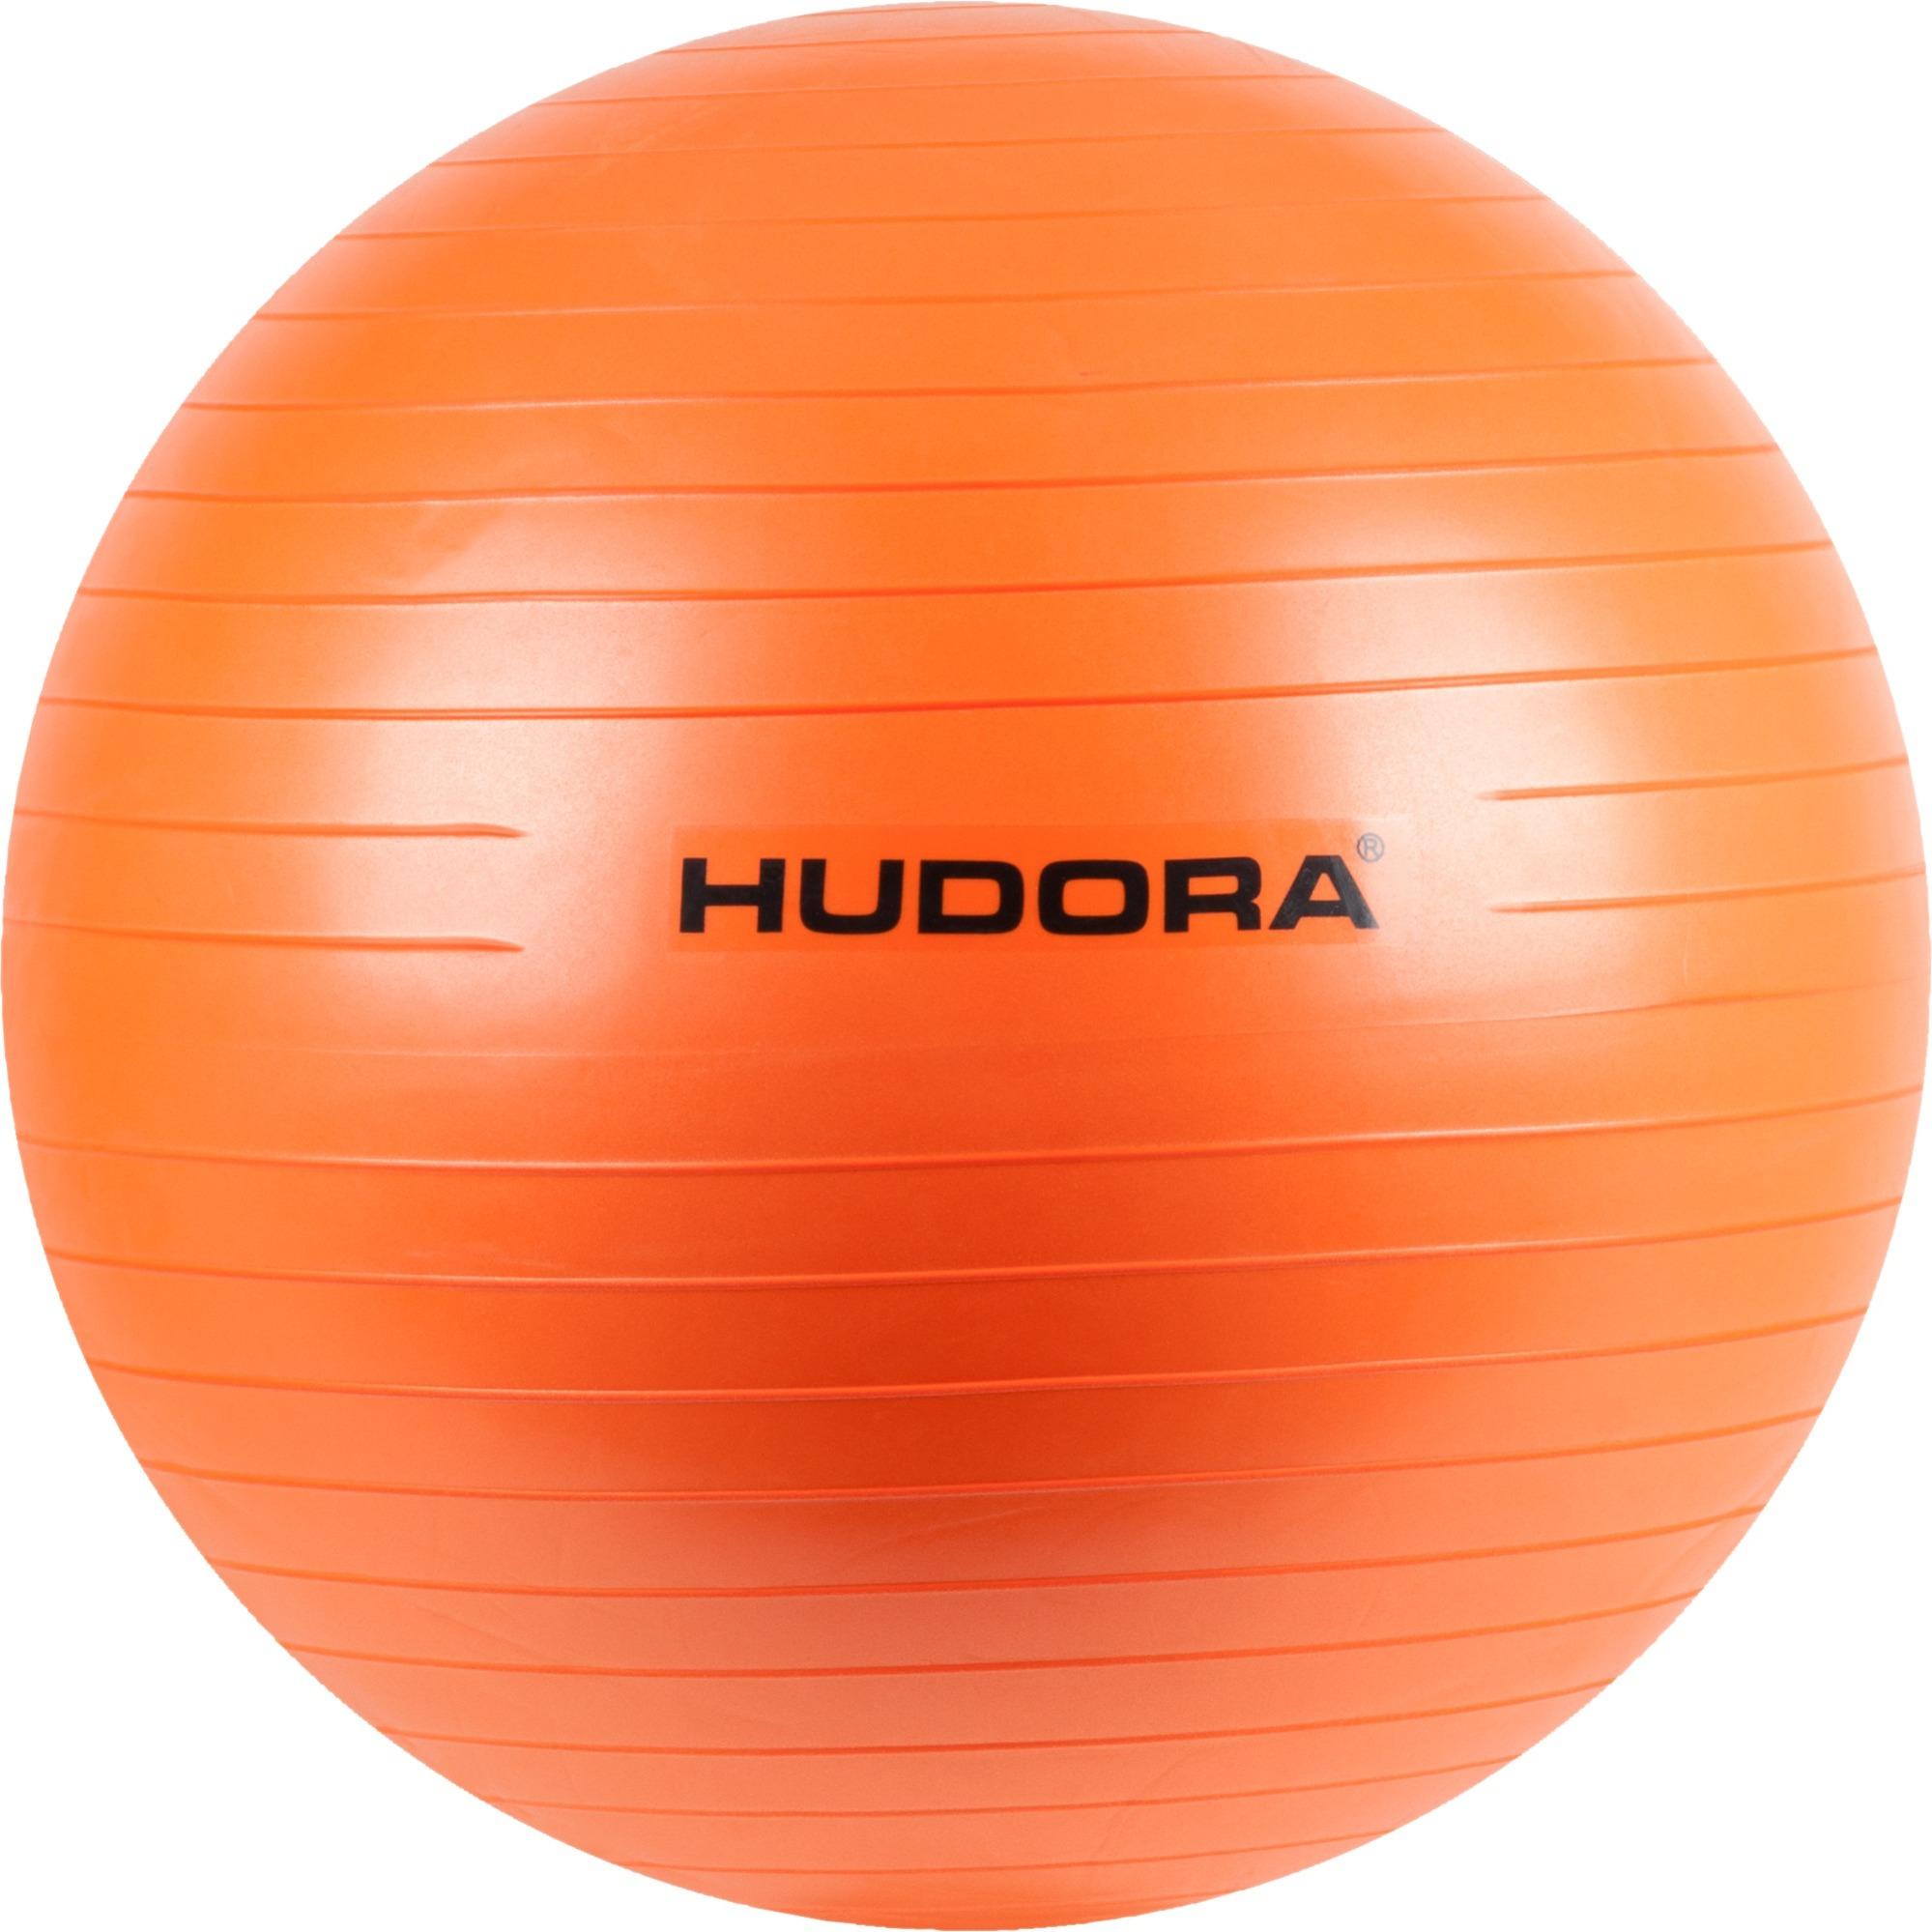 76756 pelota de gimnasia rítmica Naranja 6,5 cm, Aparato para fitness